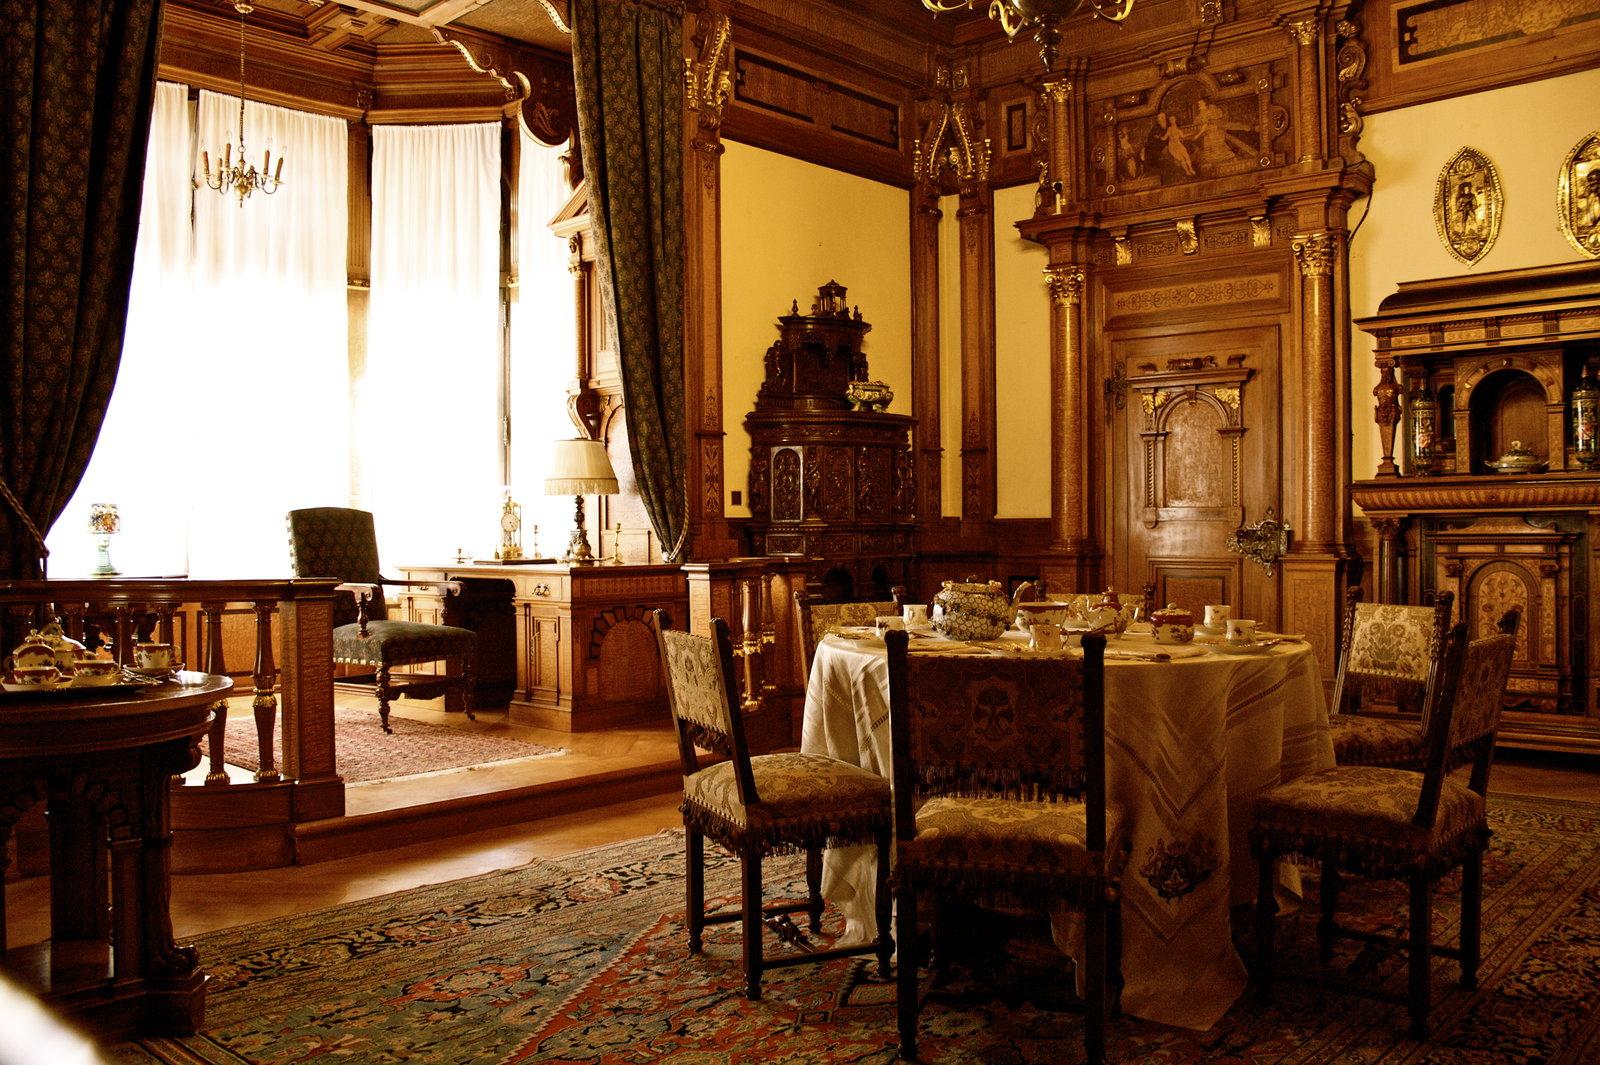 1000 images about peles castle on pinterest peles - The interiorlist ...